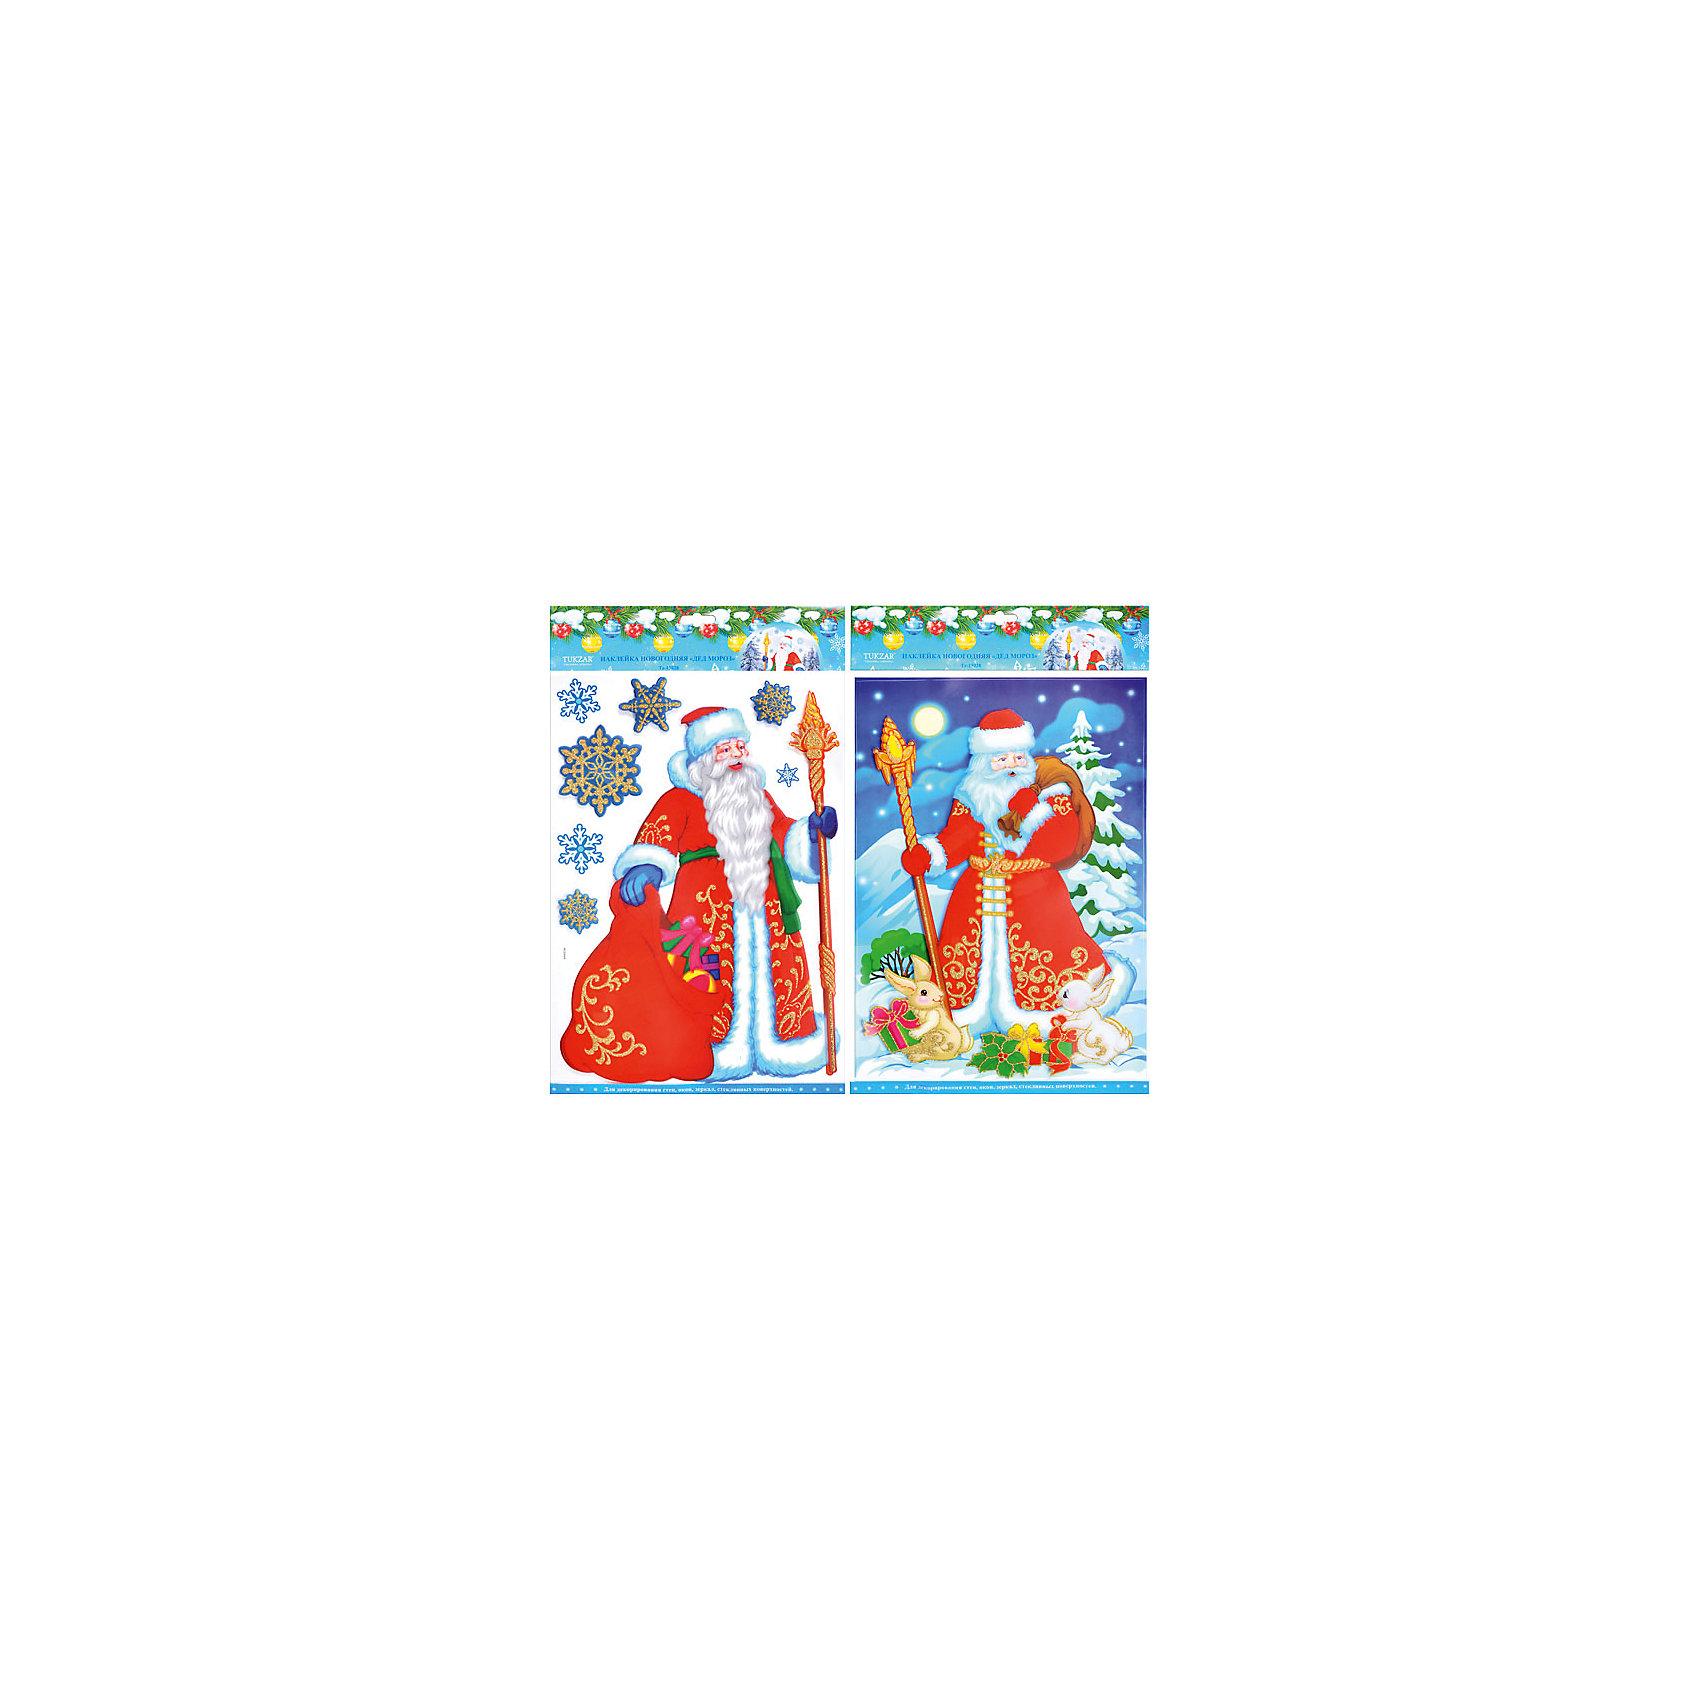 Наклейка-панно 3D Дед Мороз, в ассортиментеНовинки Новый Год<br>Наклейка-панно 3D Дед Мороз, в ассортименте – этот новогодний аксессуар создаст в доме волшебную праздничную атмосферу.<br>Красочная 3D наклейка-панно замечательно украсит Ваш новогодний интерьер и создаст праздничное настроение! В ассортименте представлены 2 варианта дизайна наклейки-панно с изображением Деда Мороза. Украшение также послужит замечательным мини-презентом близким и друзьям!<br><br>Дополнительная информация:<br><br>- В ассортименте: 2 вида<br>- Размер упаковки: 29 х 41 см.<br>- Вес: 80 гр.<br>- ВНИМАНИЕ! Данный артикул представлен в разных вариантах исполнения. К сожалению, заранее выбрать определенный вариант невозможно. При заказе нескольких наборов возможно получение одинаковых<br><br>Наклейку-панно 3D Дед Мороз, в ассортименте можно купить в нашем интернет-магазине.<br><br>Ширина мм: 10<br>Глубина мм: 290<br>Высота мм: 410<br>Вес г: 80<br>Возраст от месяцев: 36<br>Возраст до месяцев: 1188<br>Пол: Унисекс<br>Возраст: Детский<br>SKU: 4262241